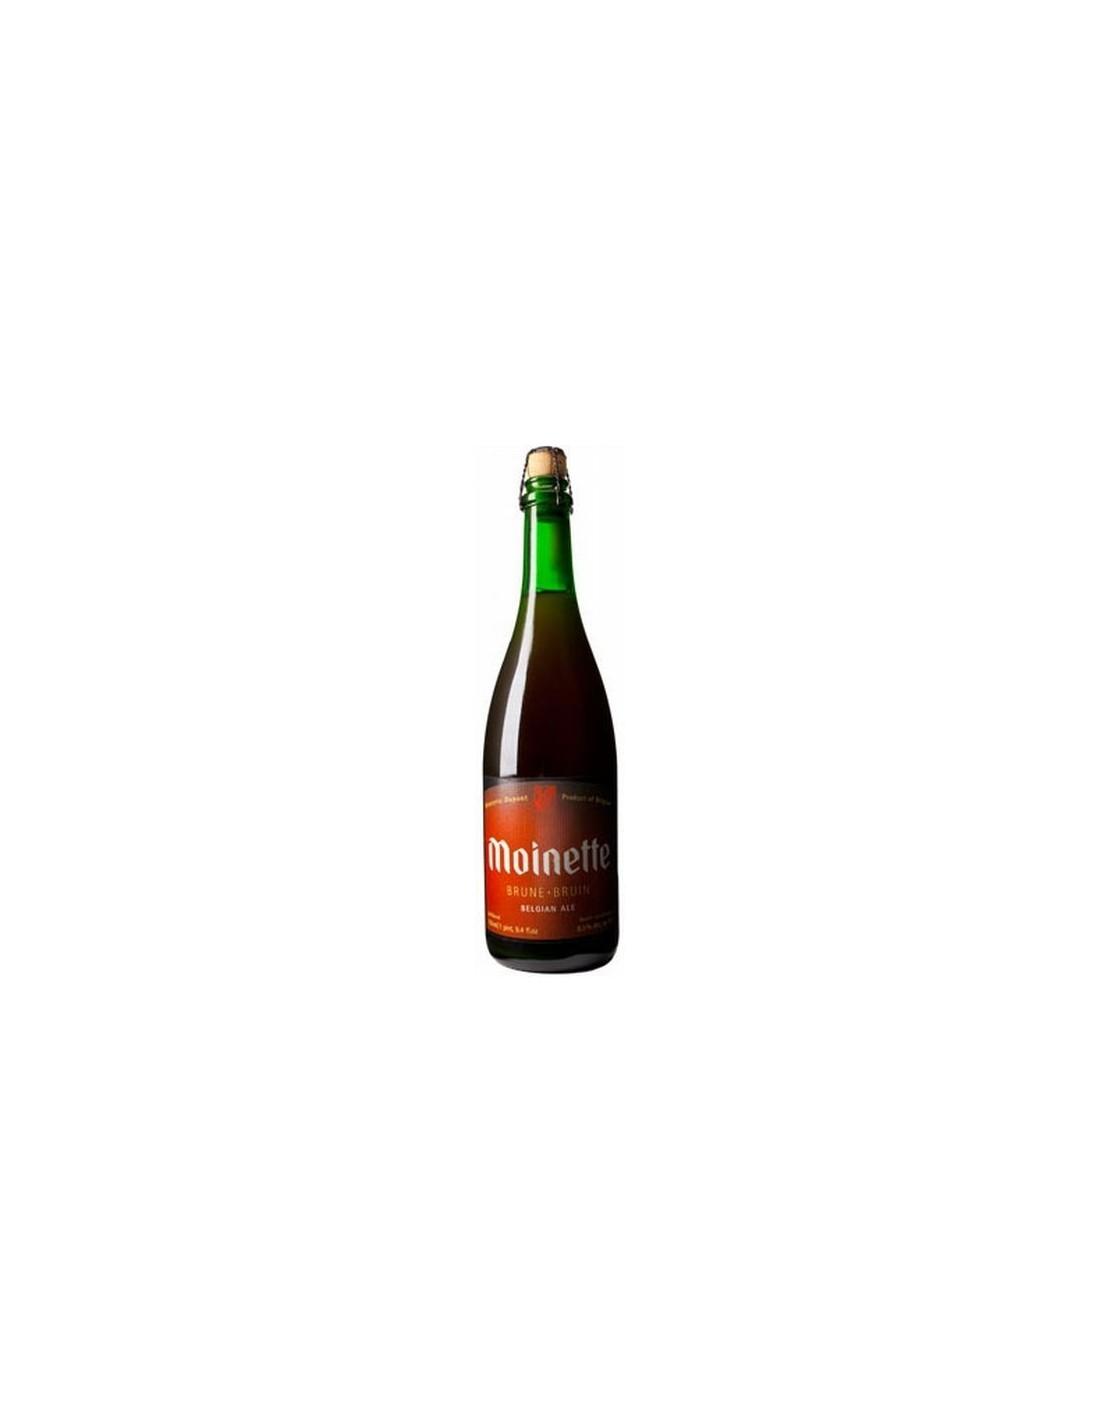 Bere bruna, nefiltrata Moinette, 8.5% alc., 0.33L, Belgia